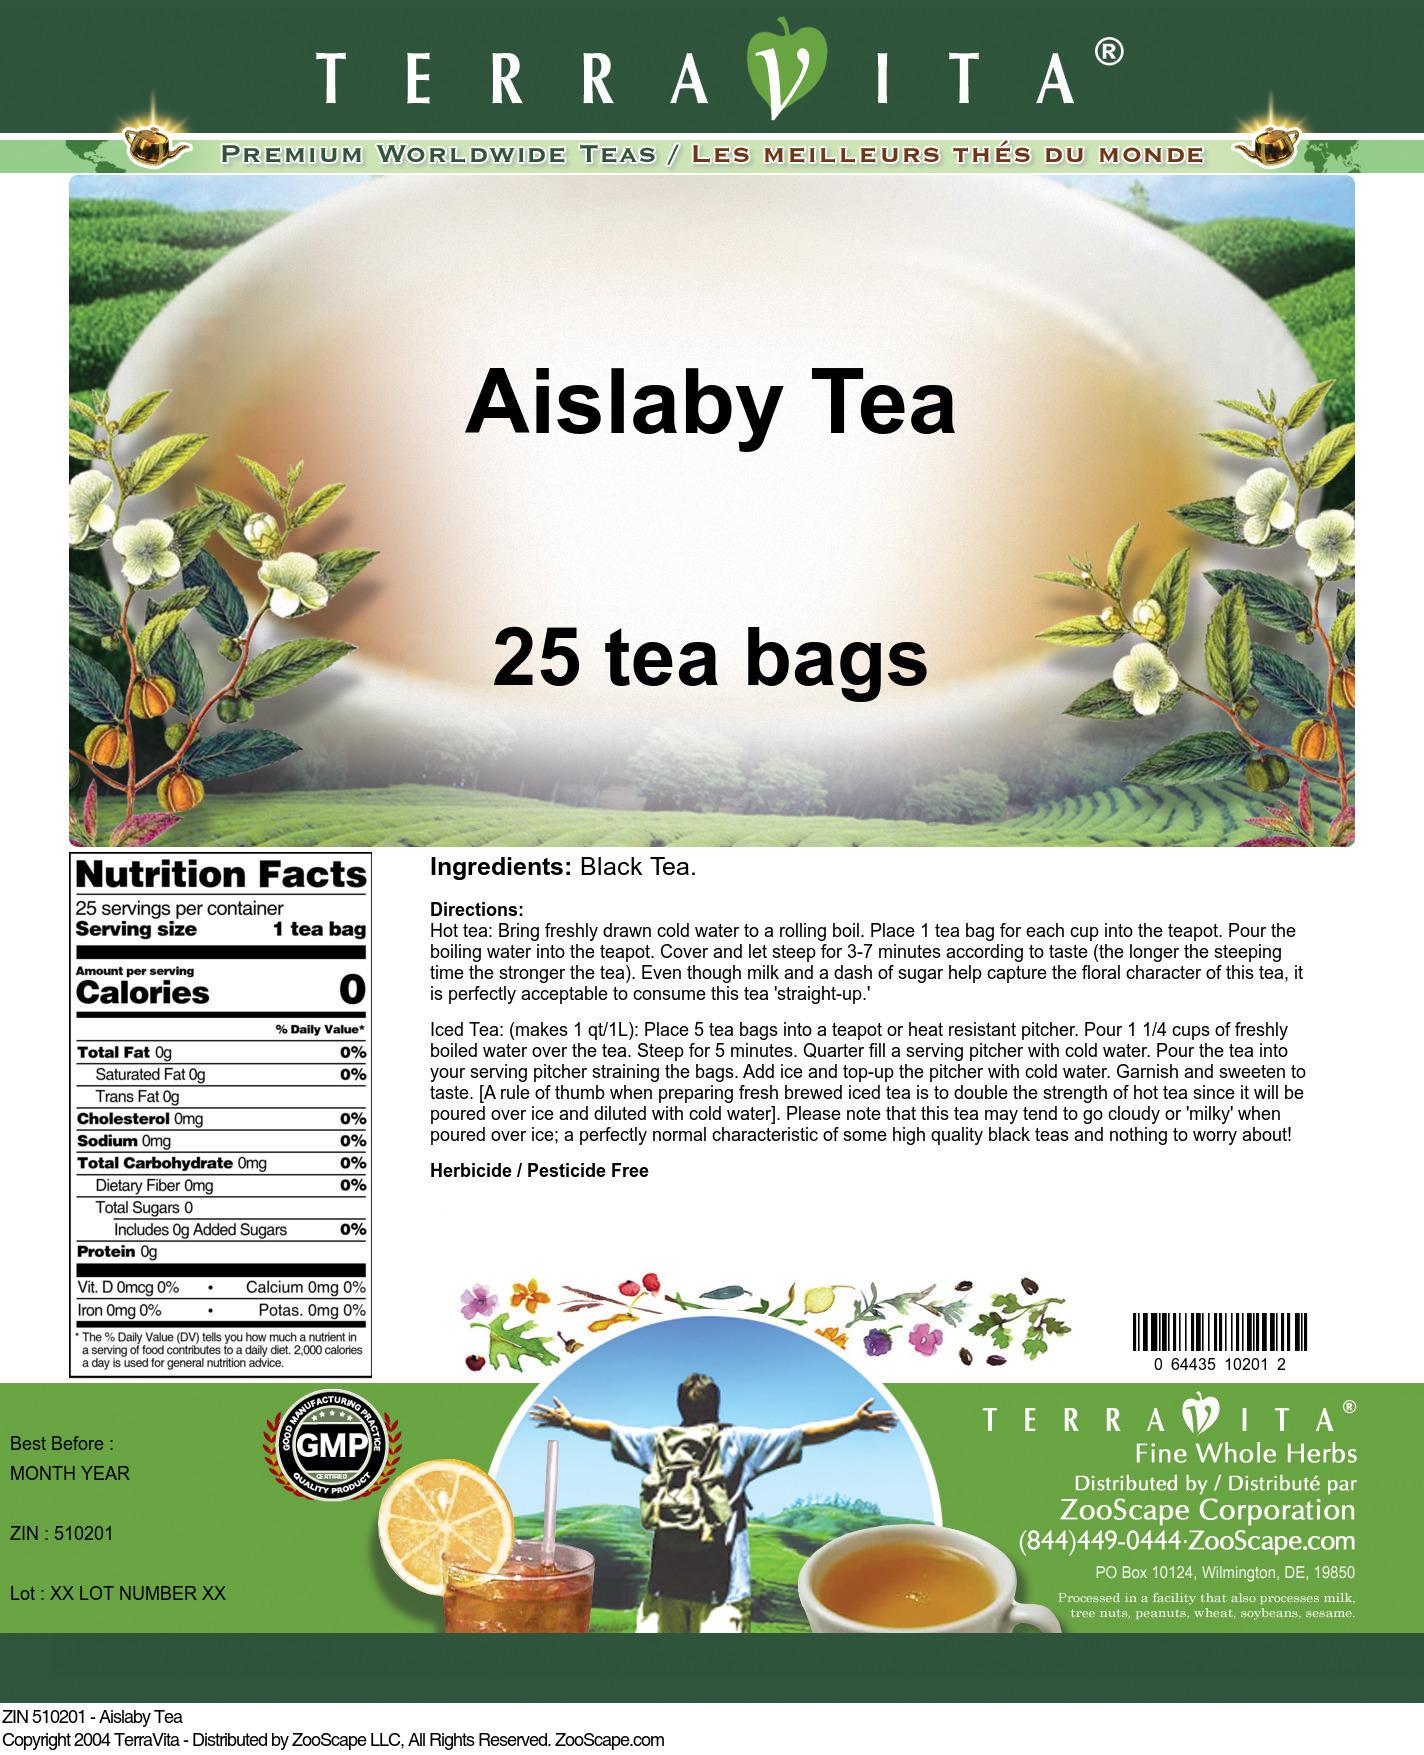 Aislaby Tea